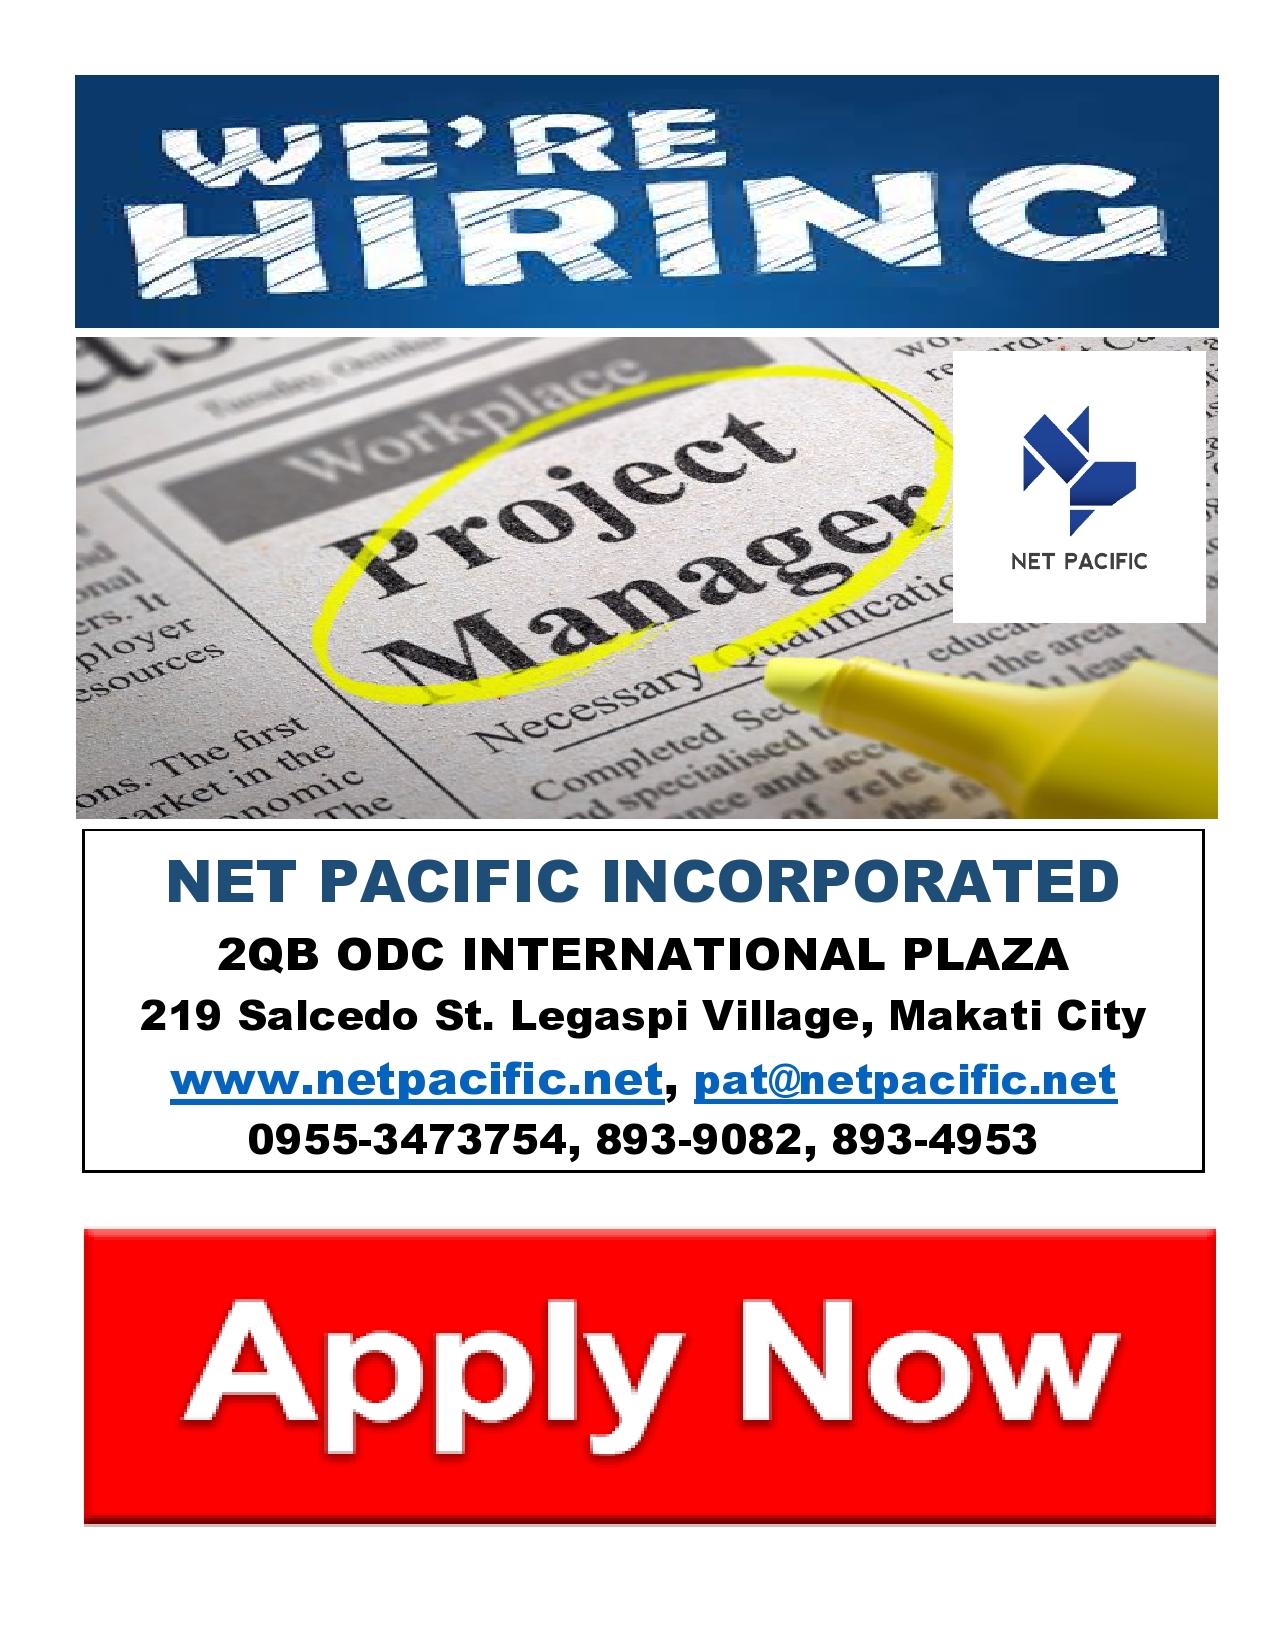 net-pacific-incorporatedphotos-1